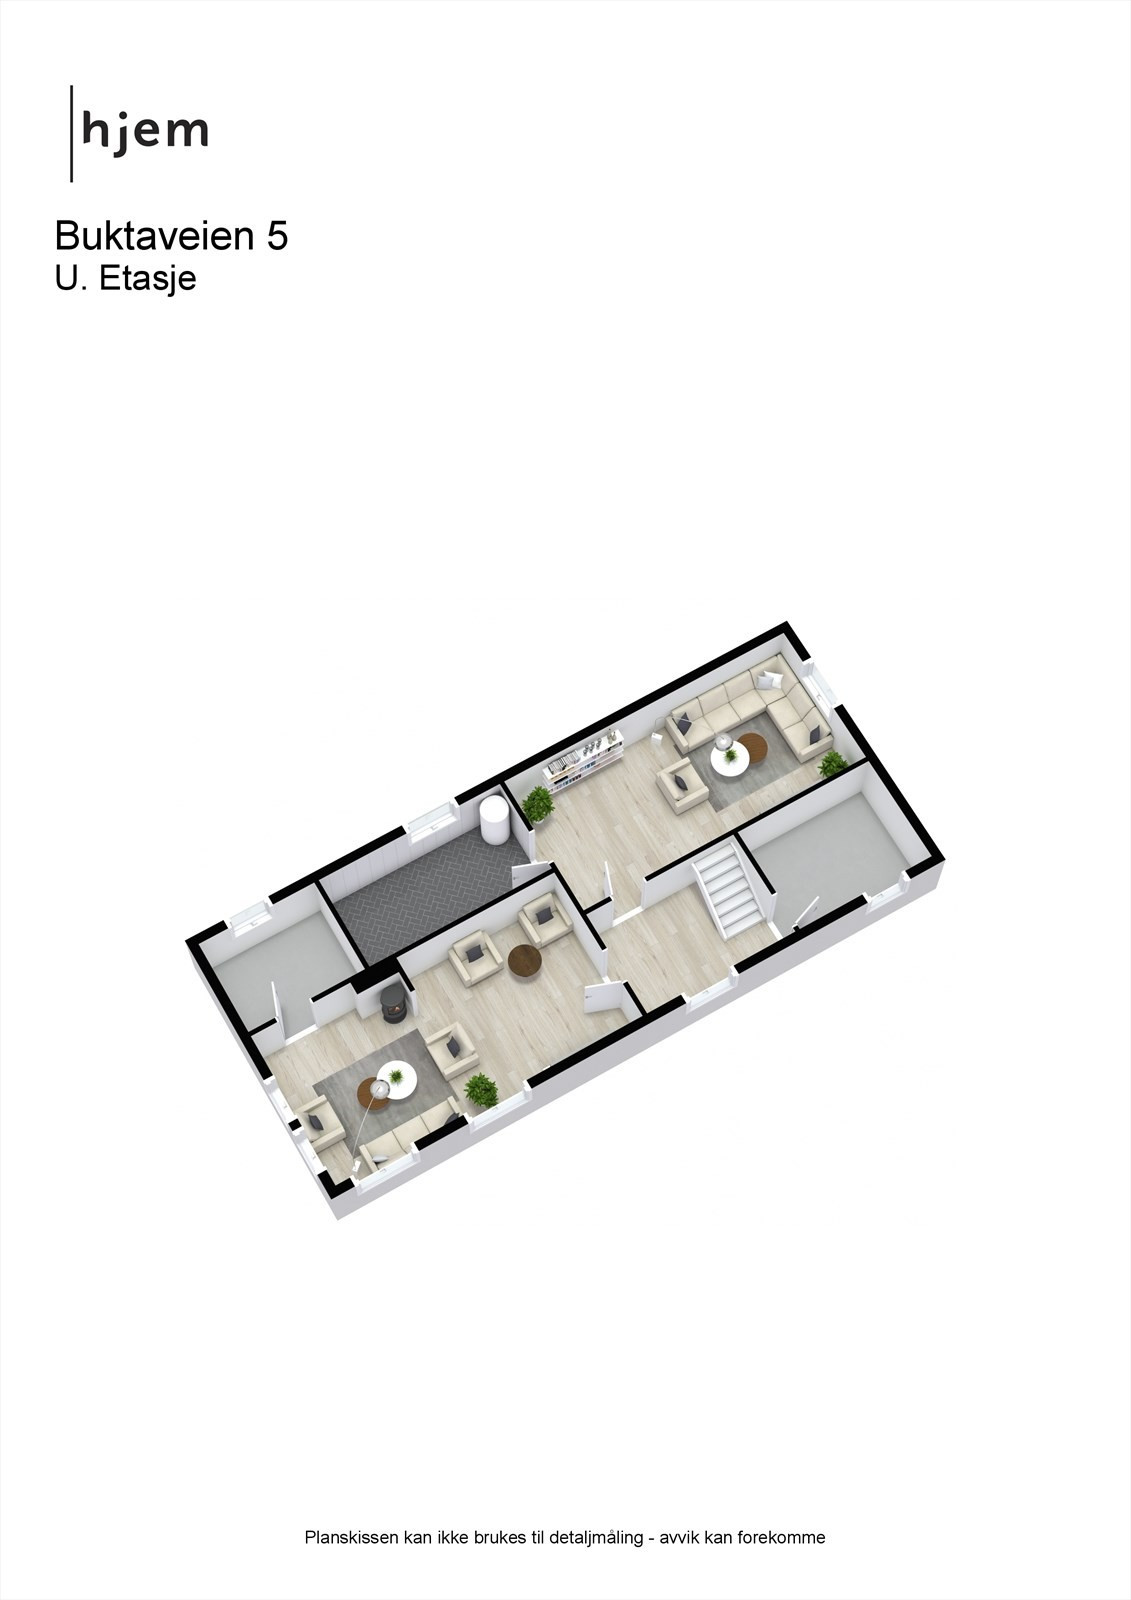 Buktaveien 5 - 3D - U. Etasje